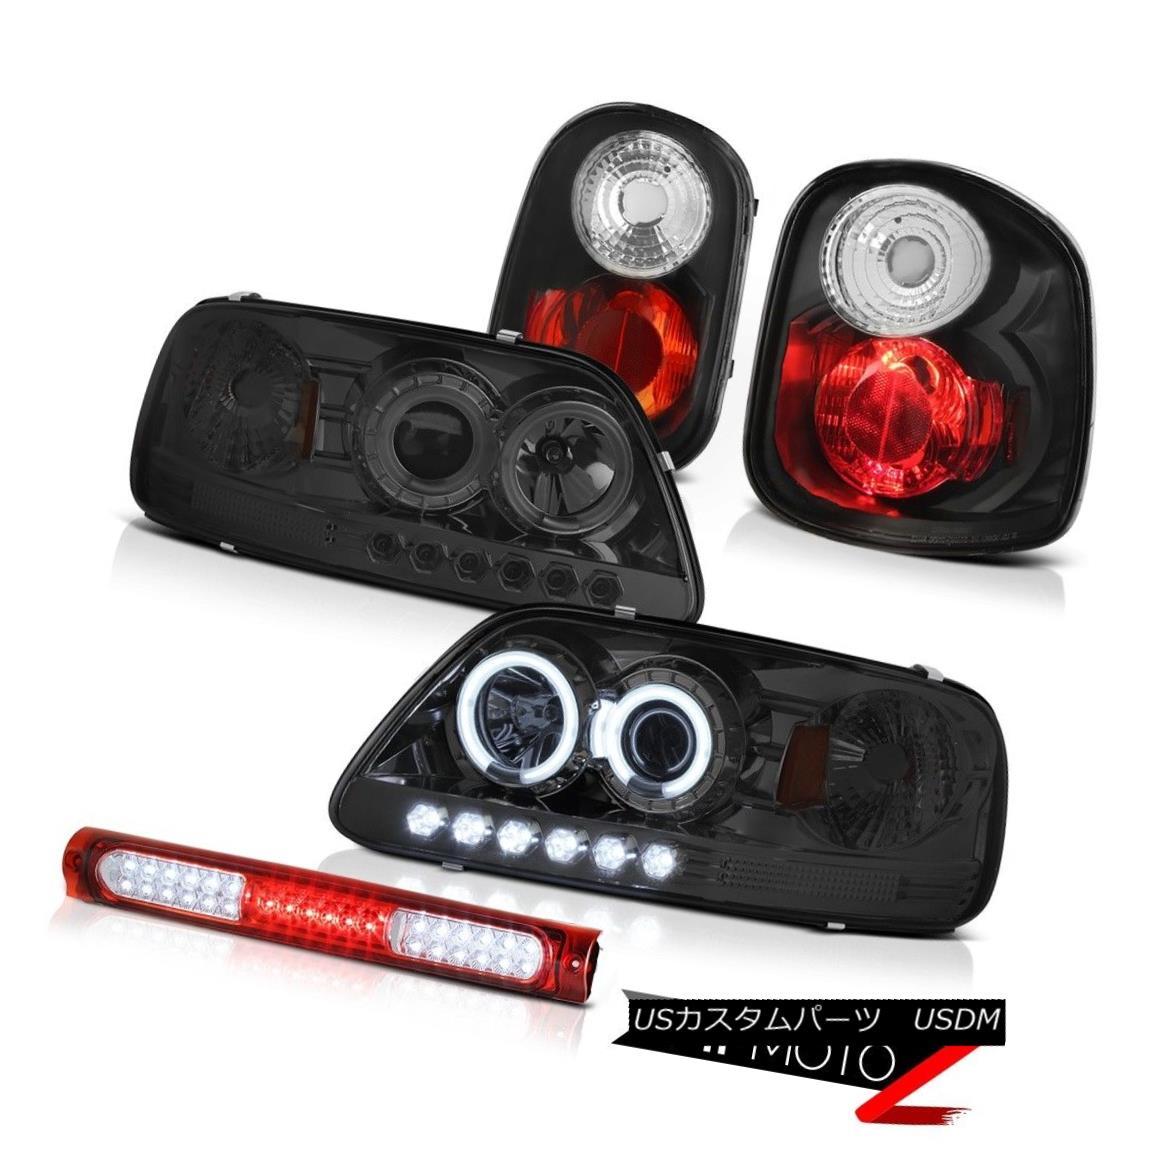 ヘッドライト Brightest C.C.F.L Halo Headlights Tail Lamps Third LED 97-00 Ford F150 Flareside 最も明るいC.C.F.Lハローヘッドライトテールランプ第3のLED 97-00 Ford F150 Flareside